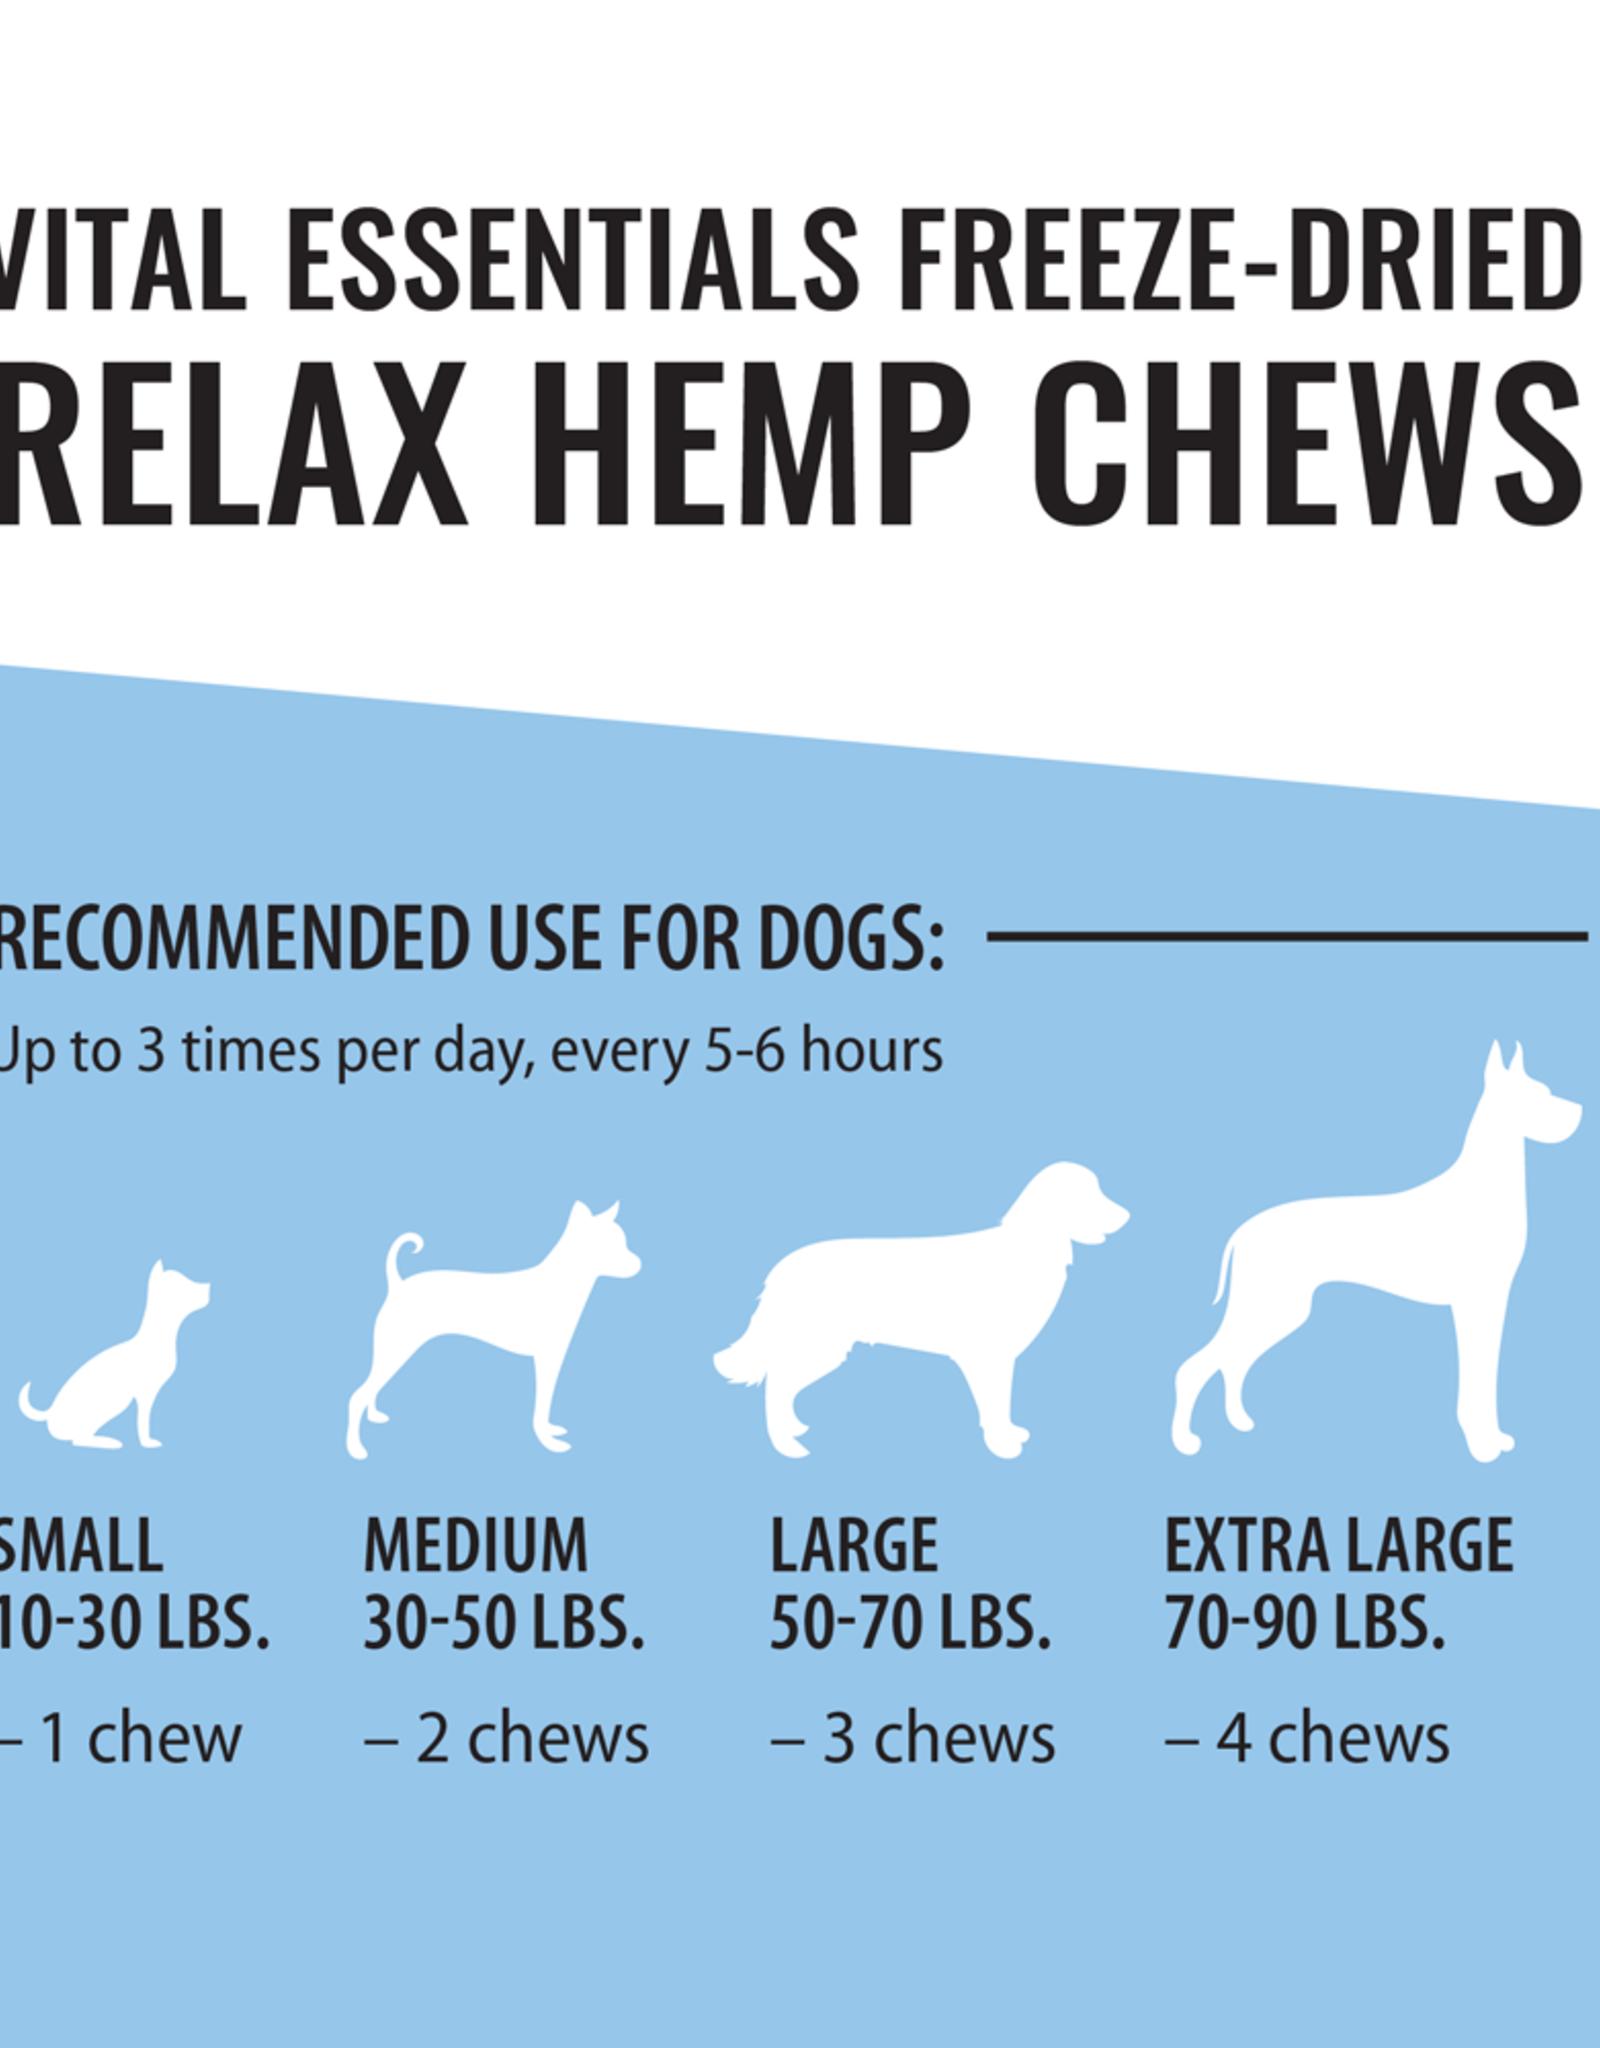 Vital Essentials Vital Essentials RELAX Hemp Chews